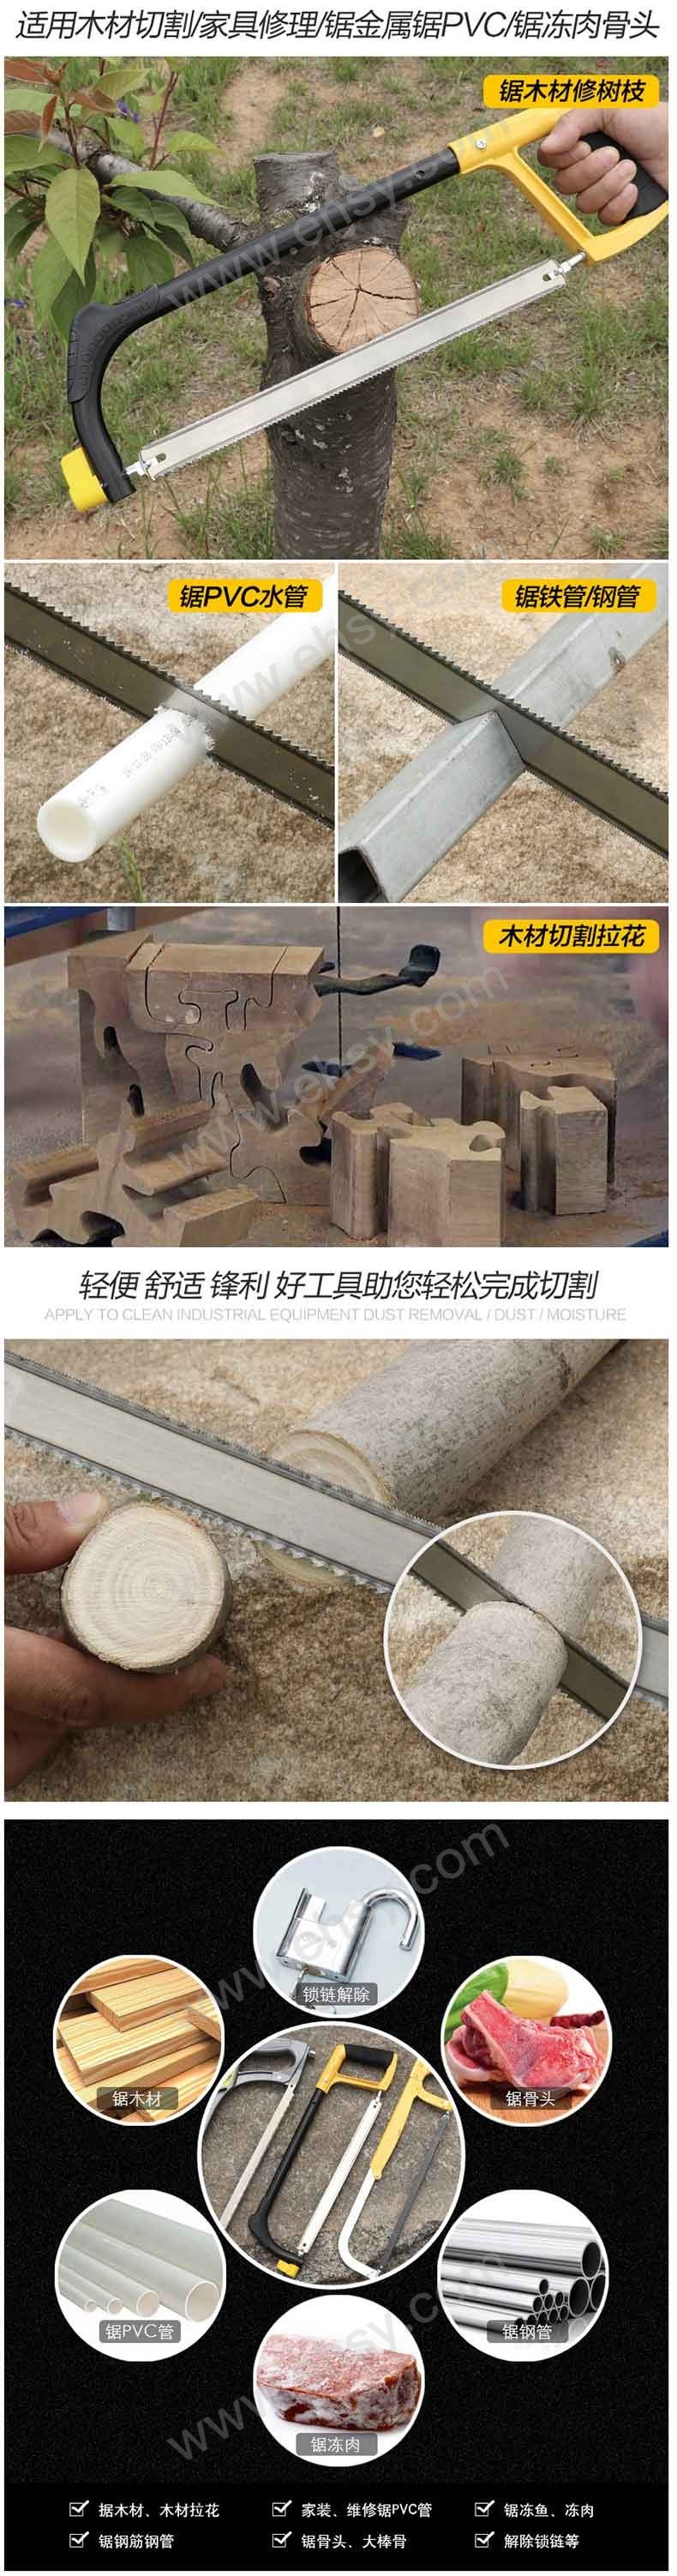 锯弓锯条应用.jpg